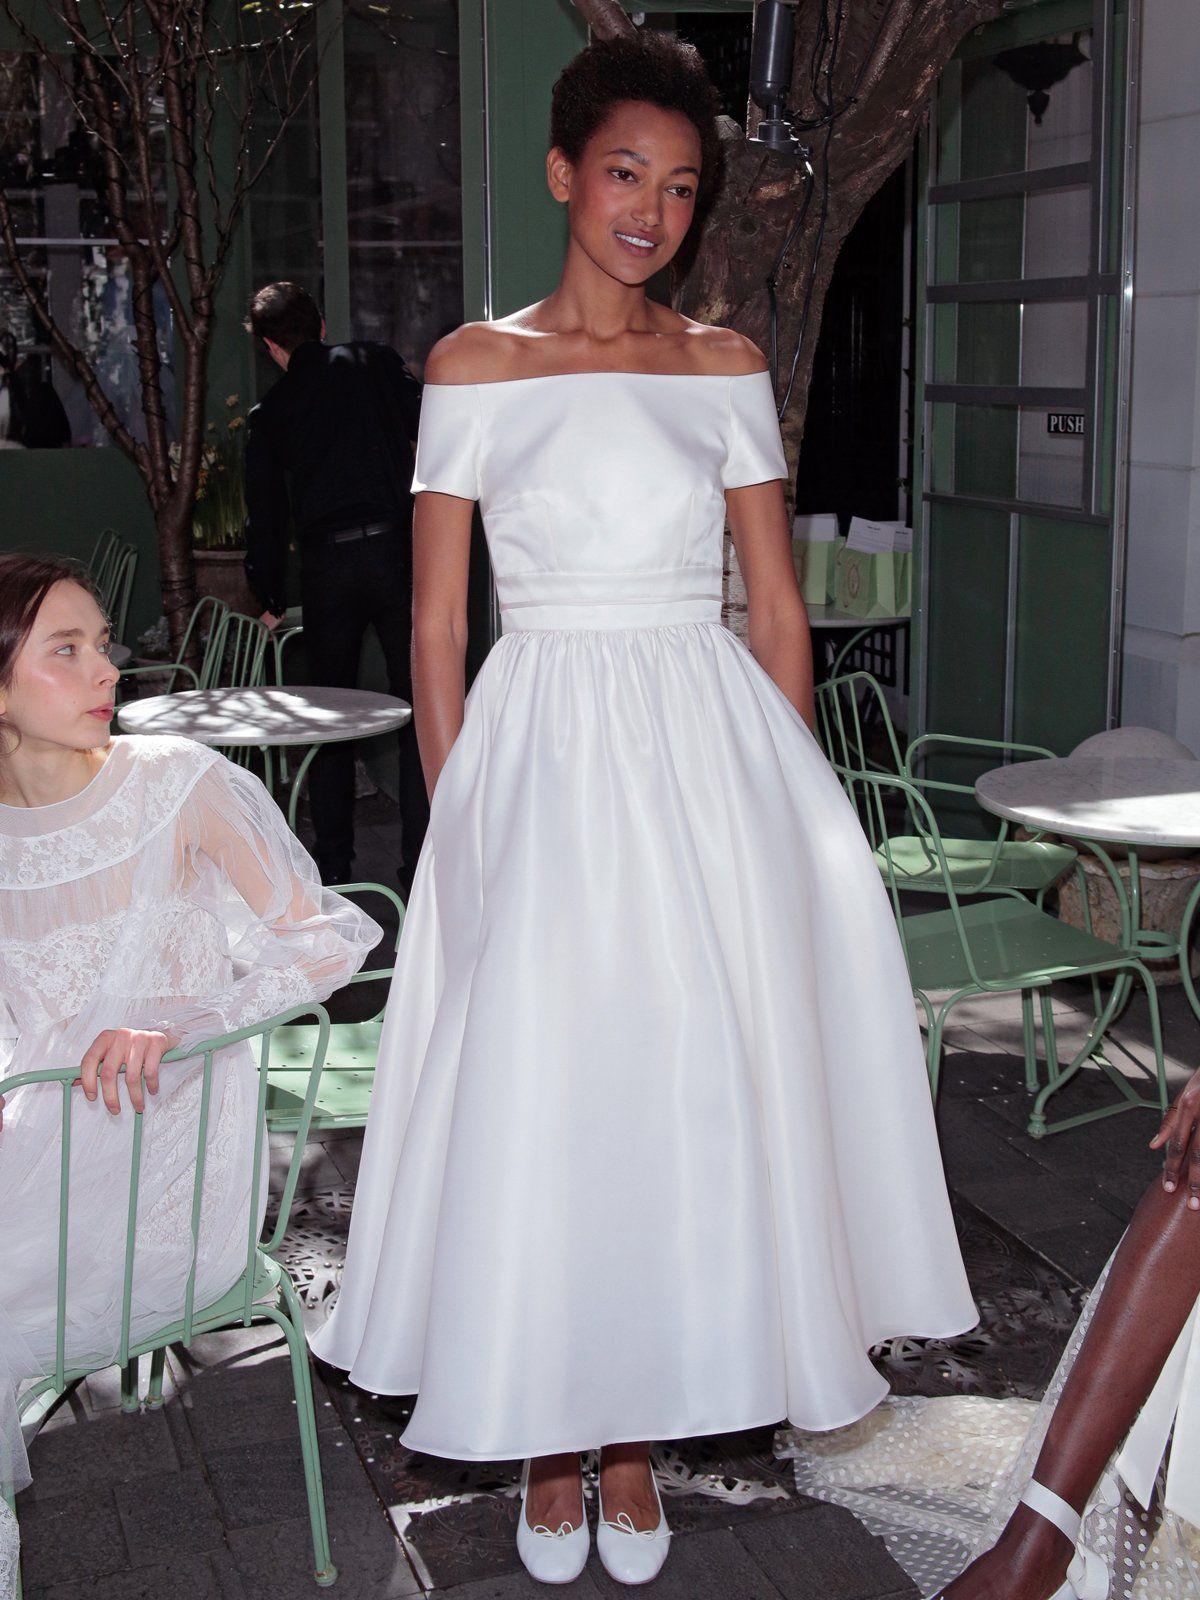 Großartig Cowboystiefel Hochzeitskleid Galerie - Brautkleider Ideen ...